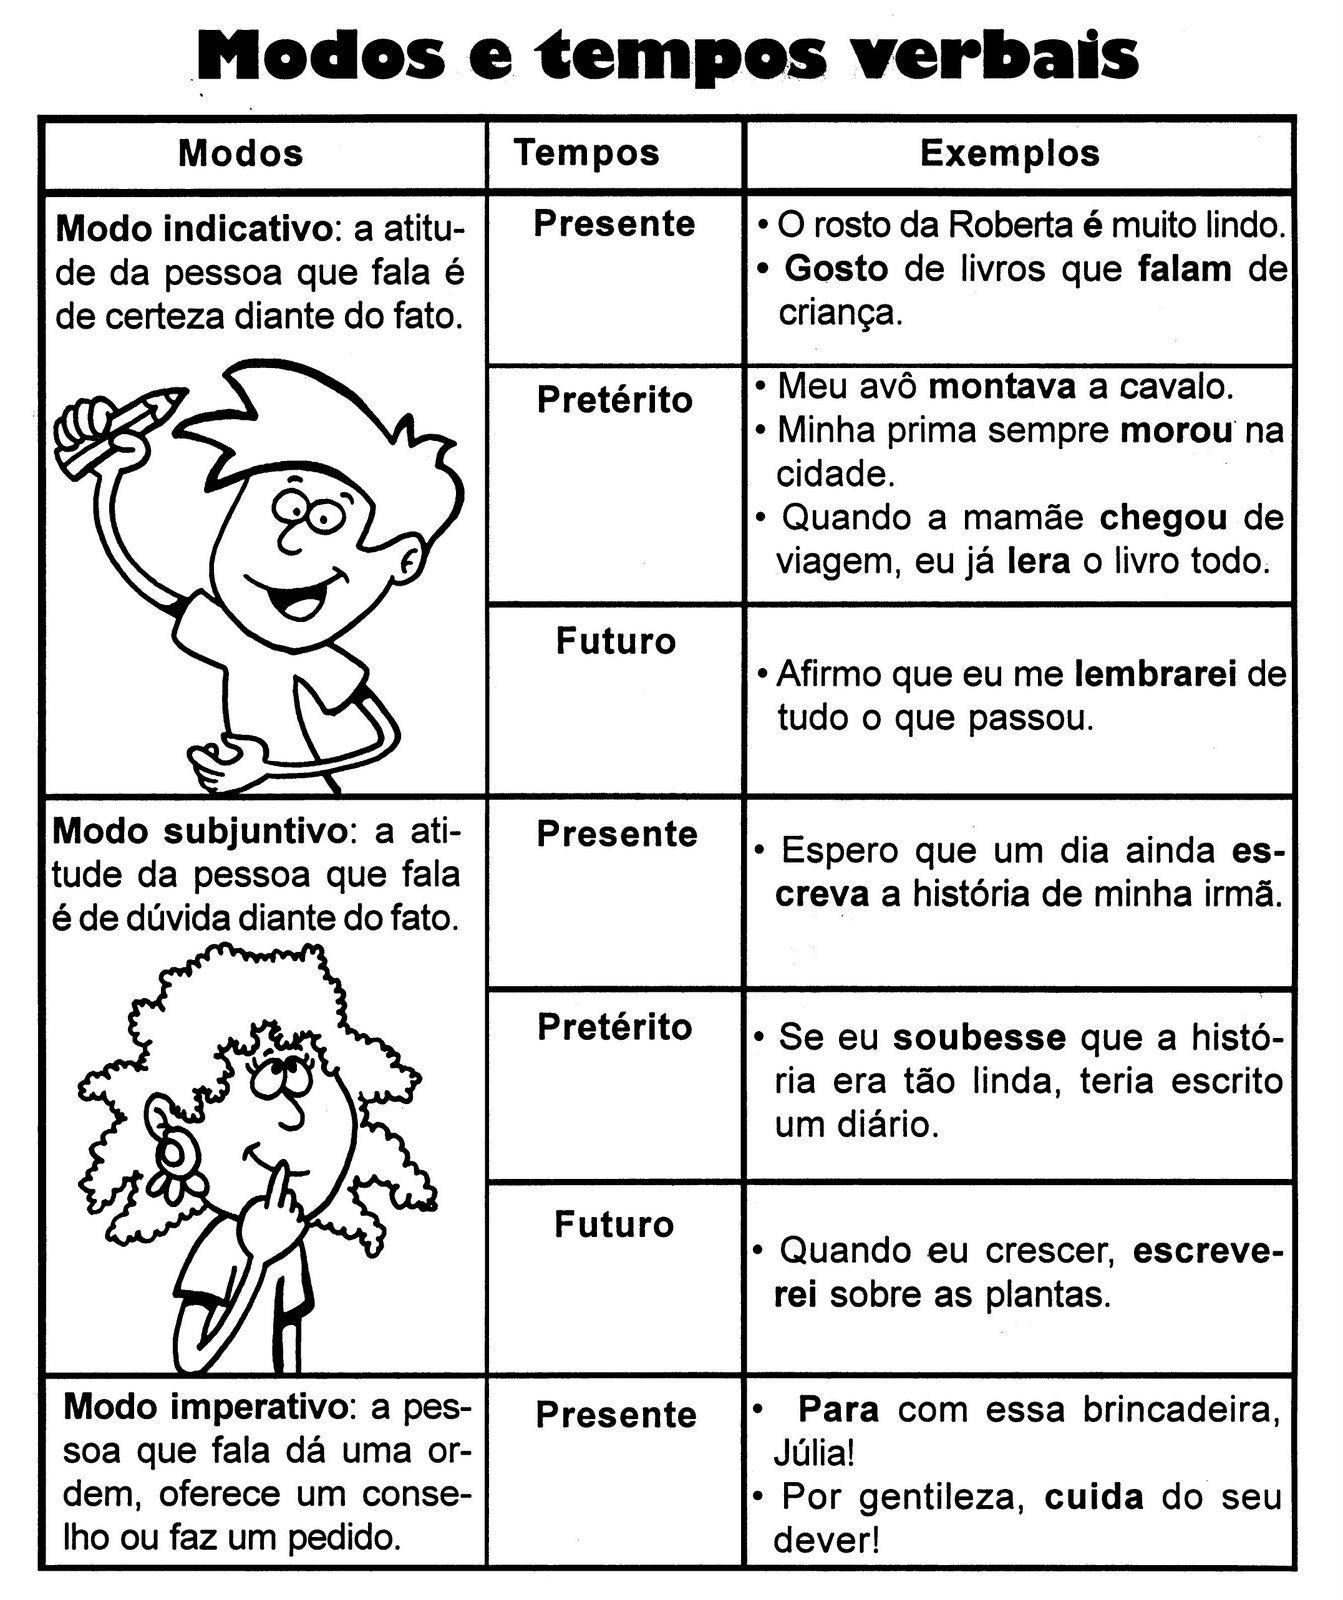 Verbos Conceito Modos E Exemplos Didaticos Com Imagens